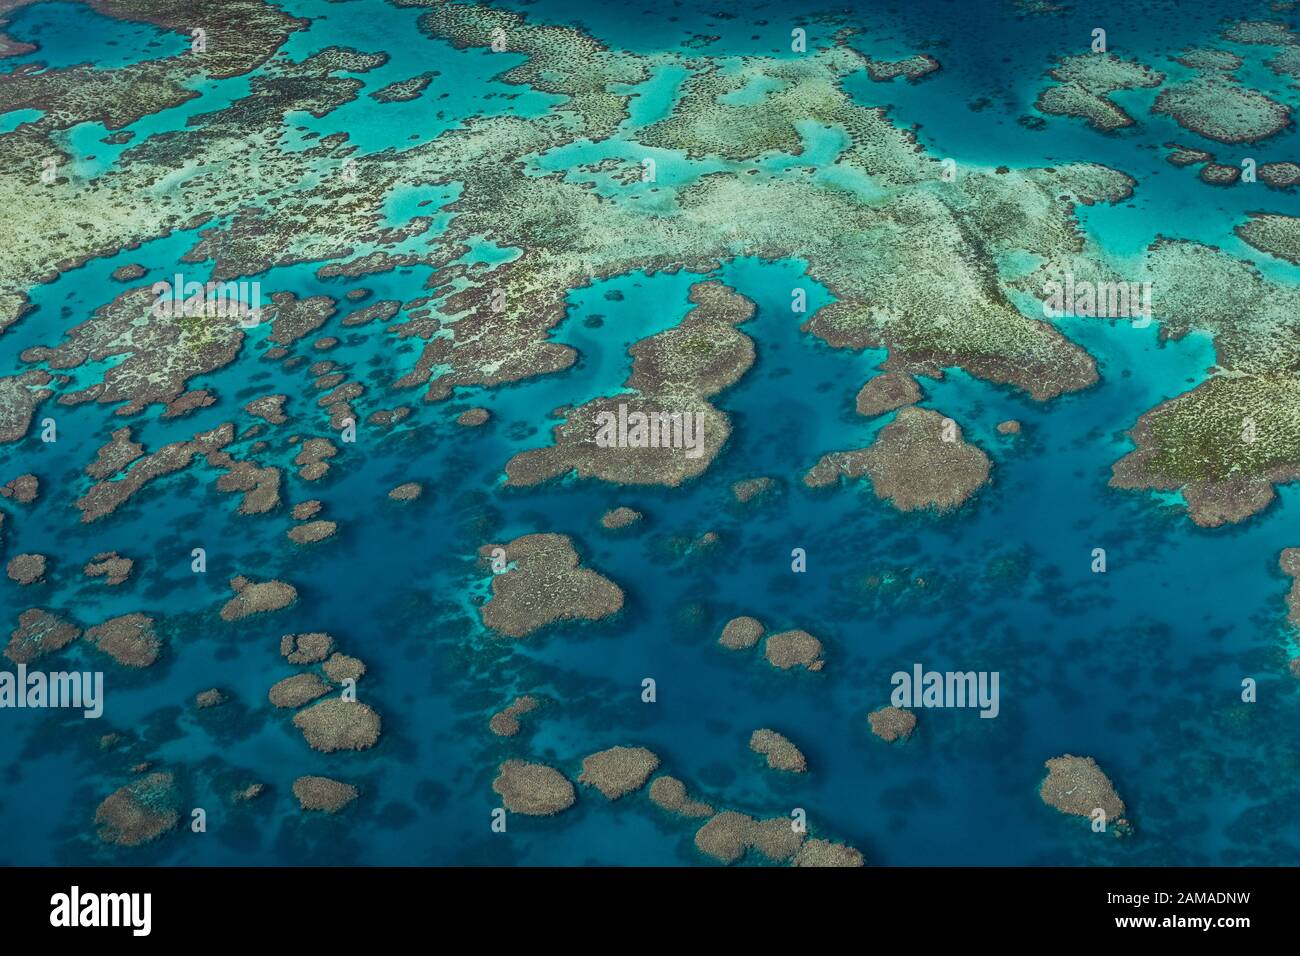 Toma aérea de la famosa Gran Barrera de Coral. Foto de stock